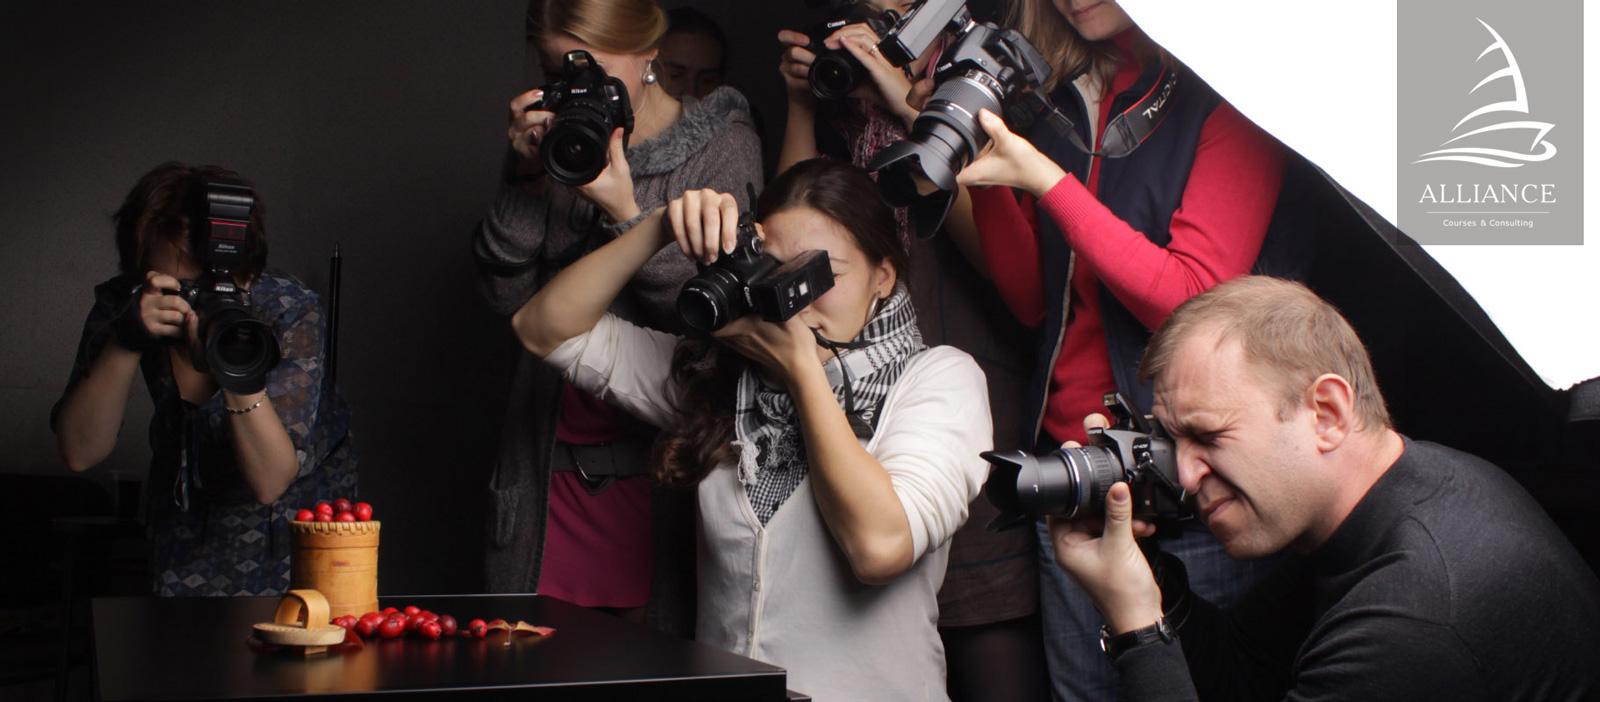 если фотокурсы специалист отзывы кто проходил малыши могут пару